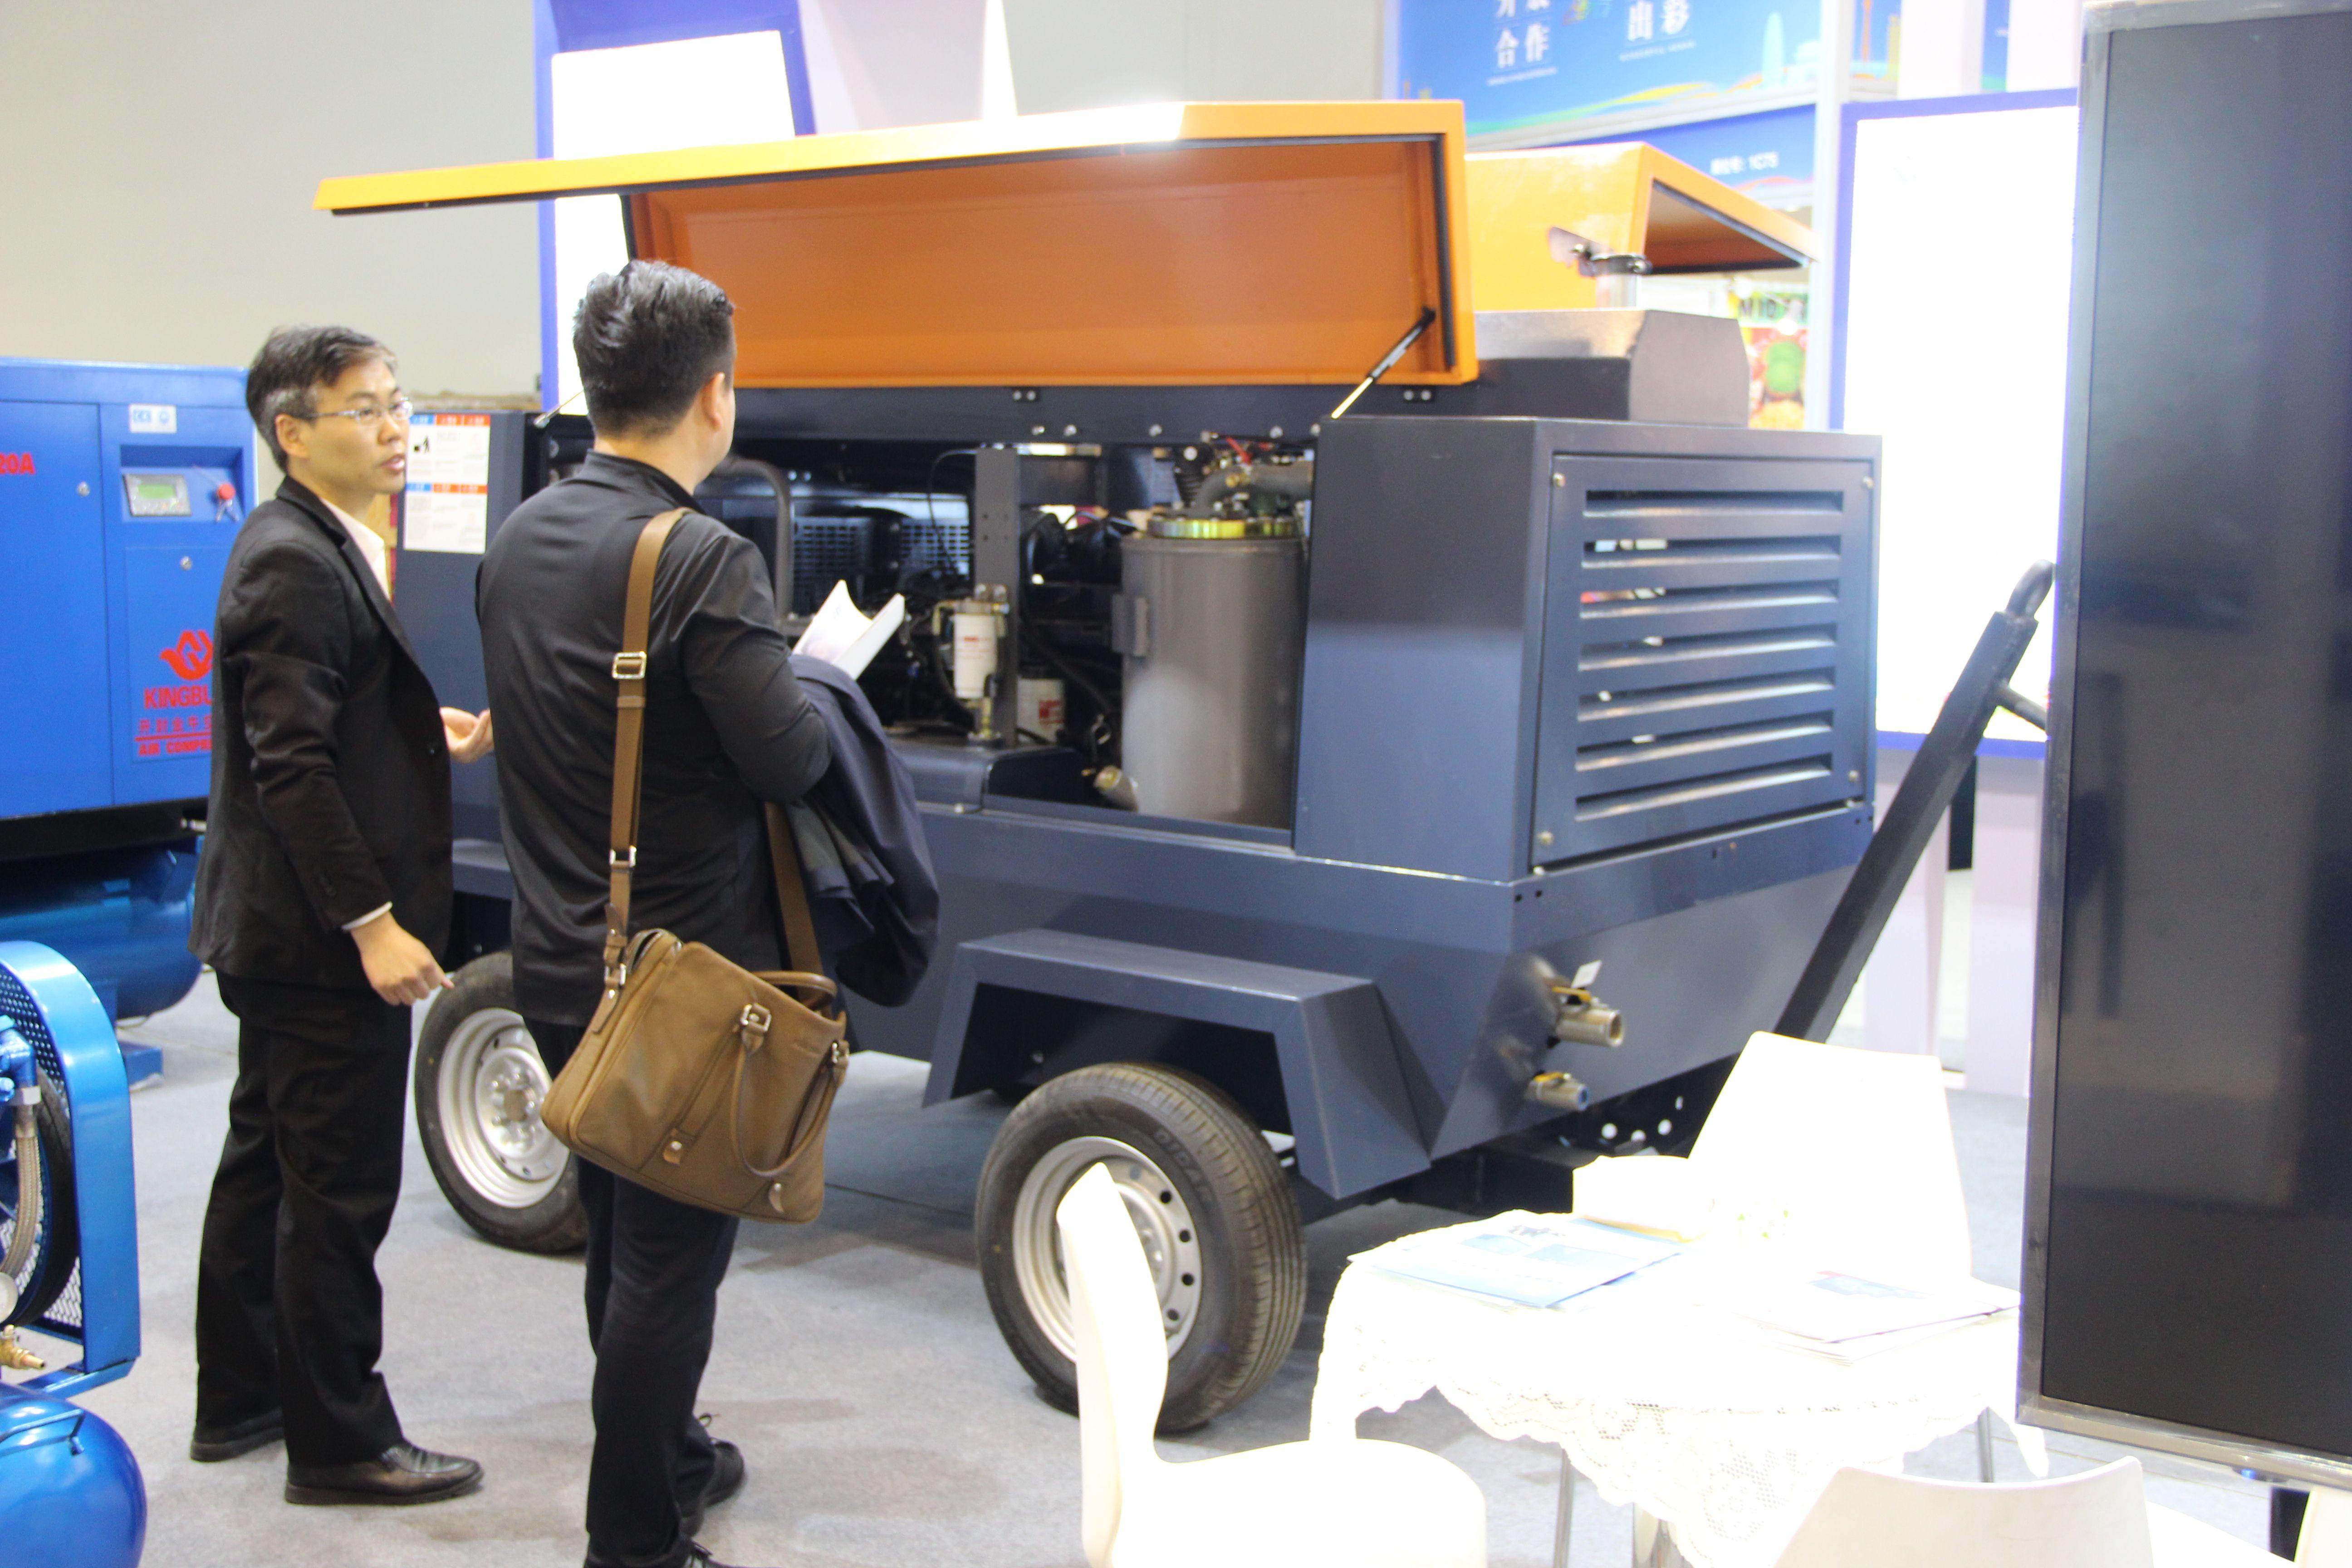 Hot Sale KINGBULL PM VFD Diesel Air Compressor 375 Cfm in